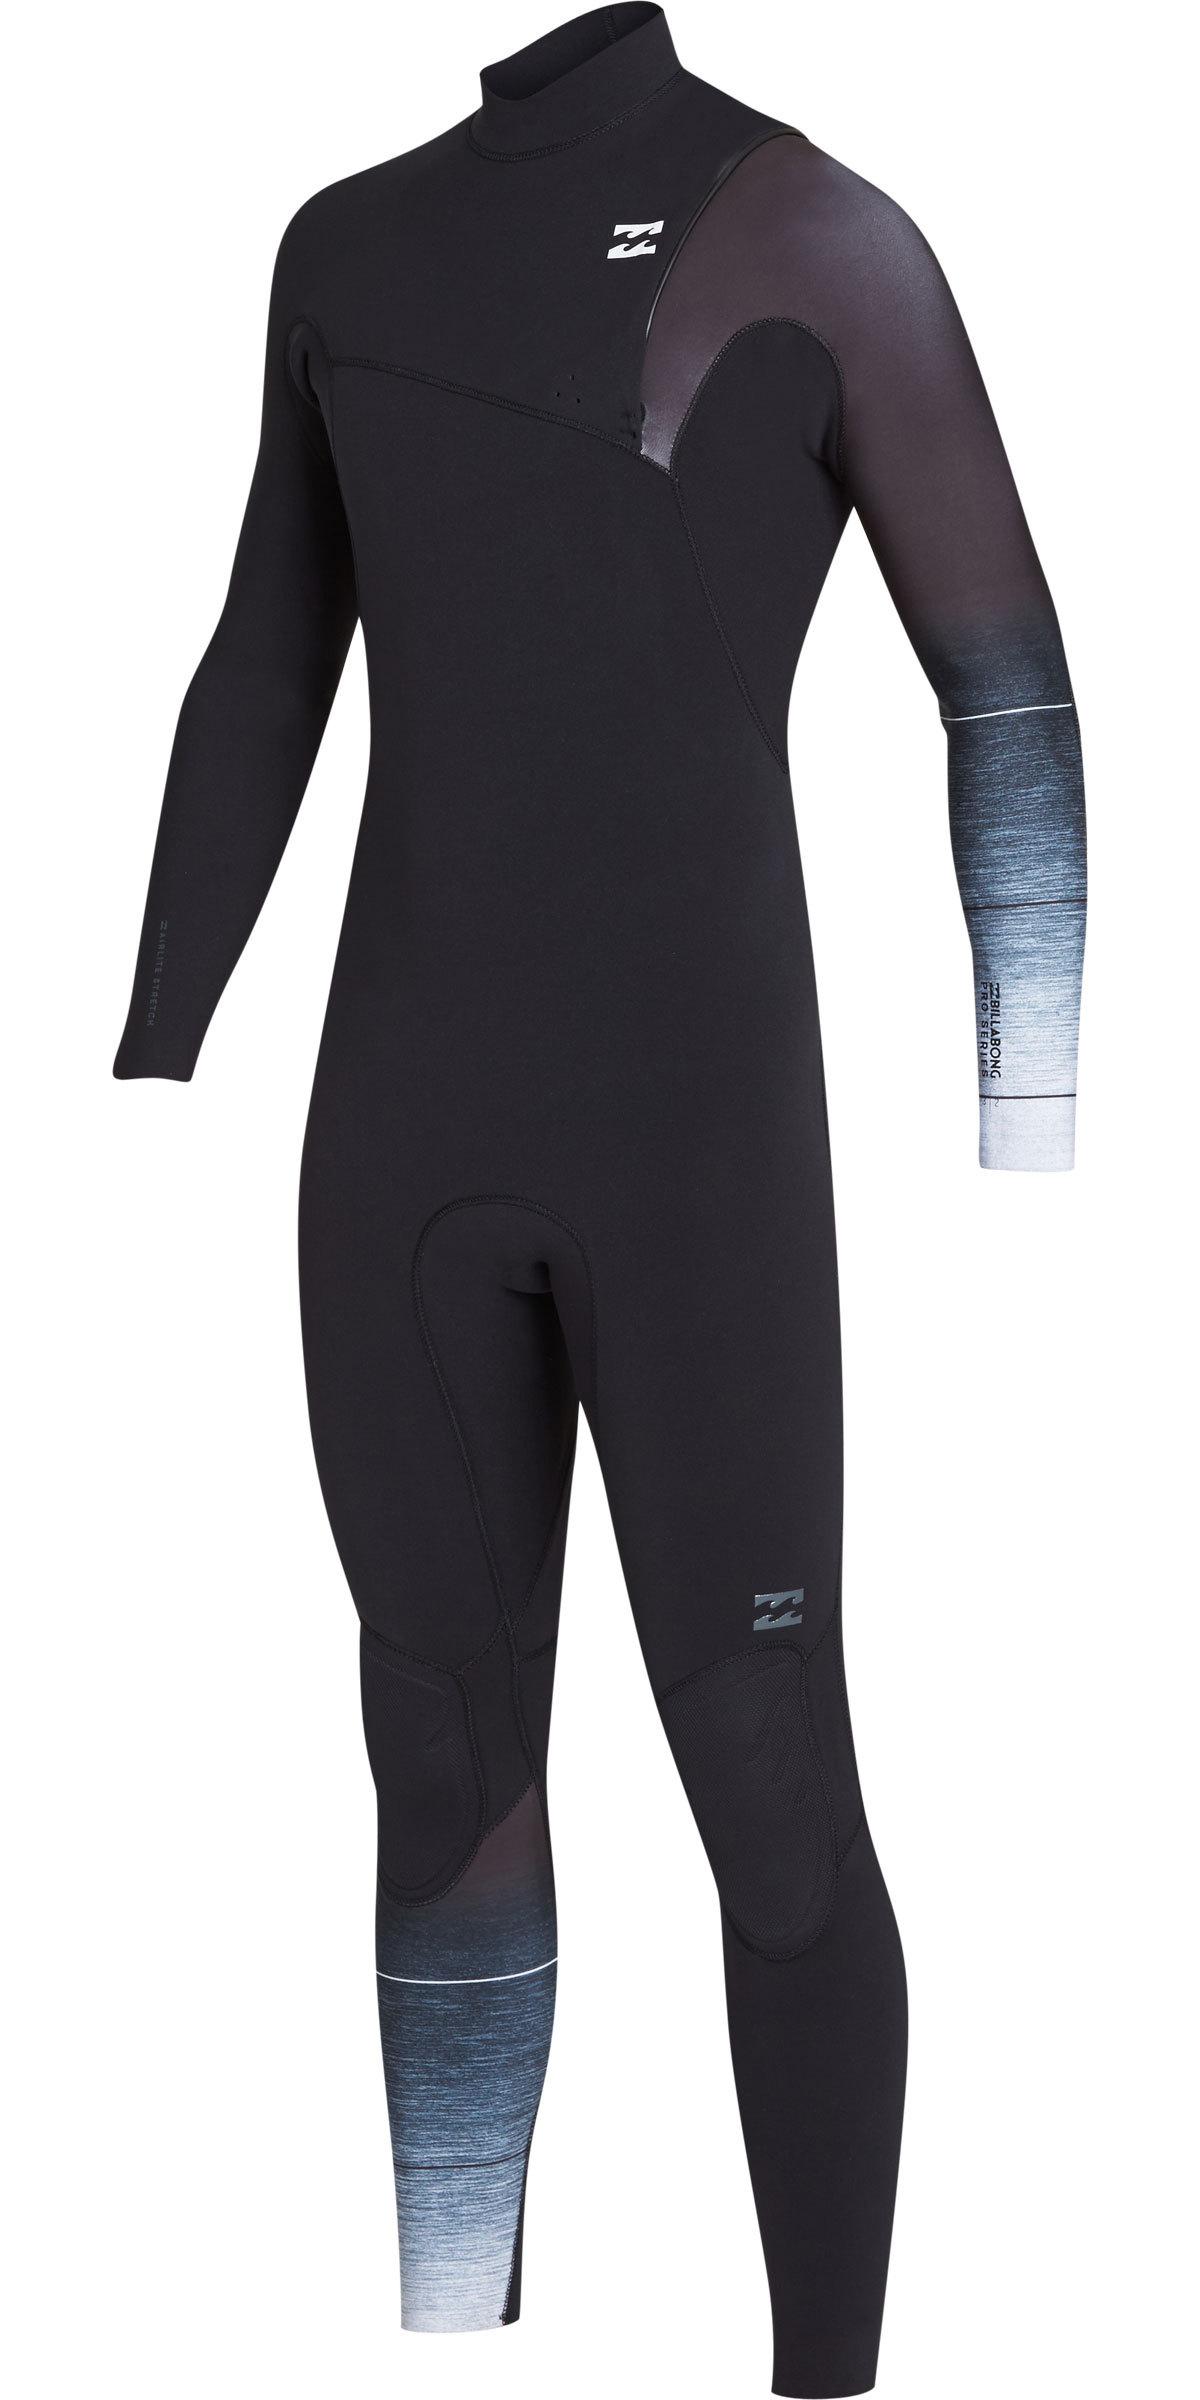 2019 Billabong Junior Boys 3/2mm Pro Series Zipperless Wetsuit Black / Fade N43B01